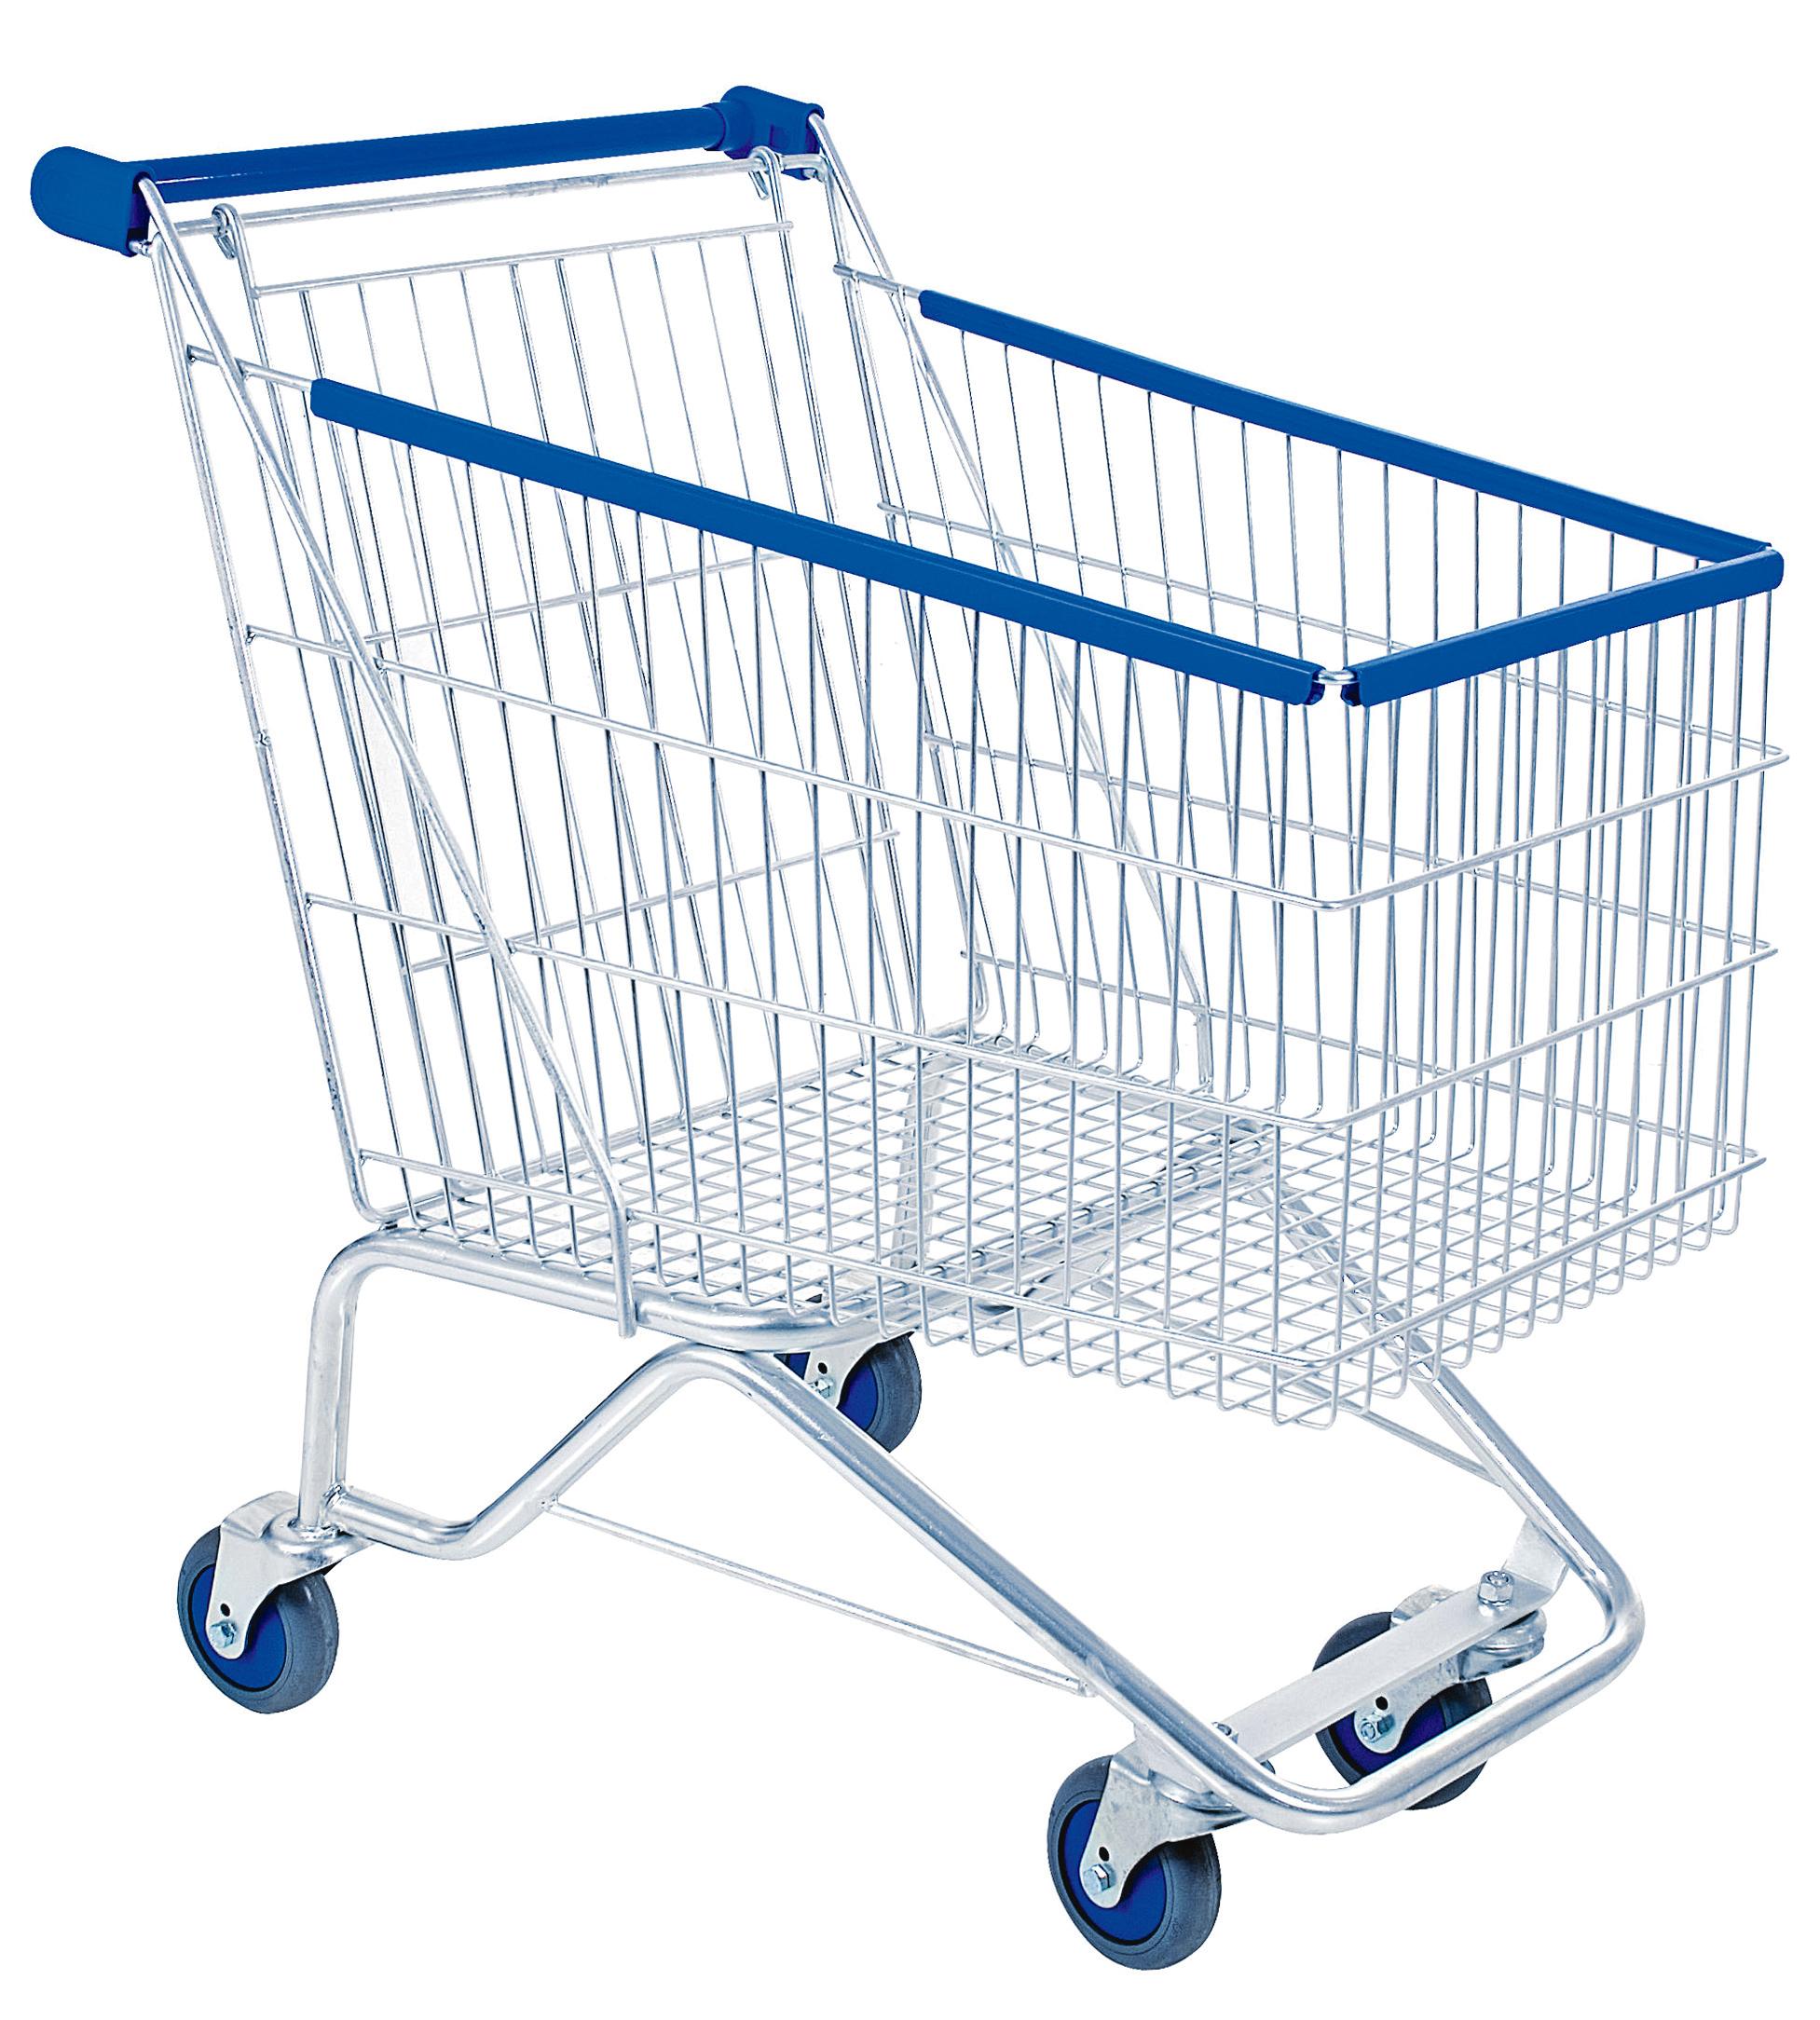 carrinho de supermercado 6.